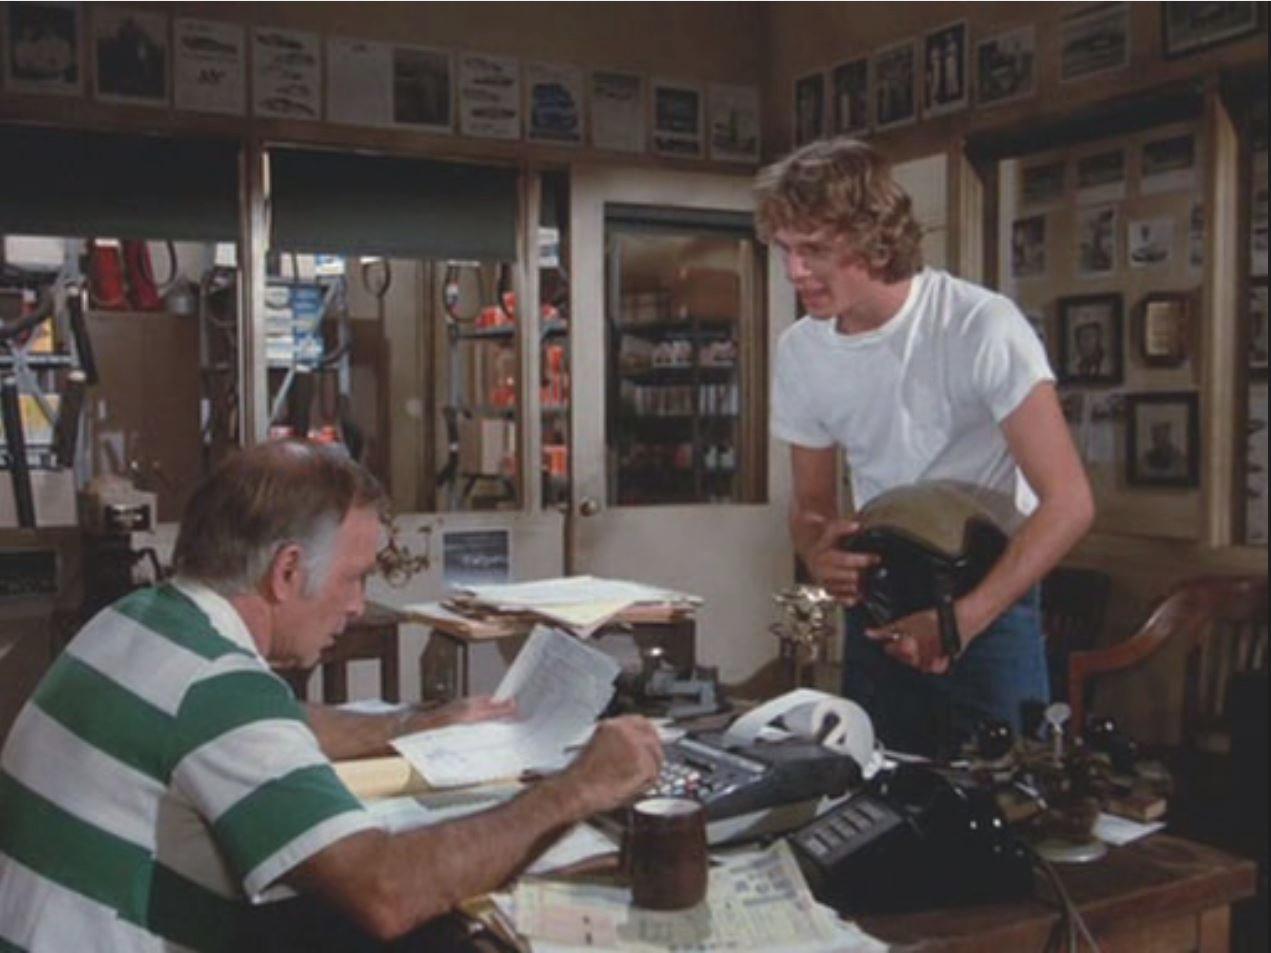 Sammy et Mark dans le bureau